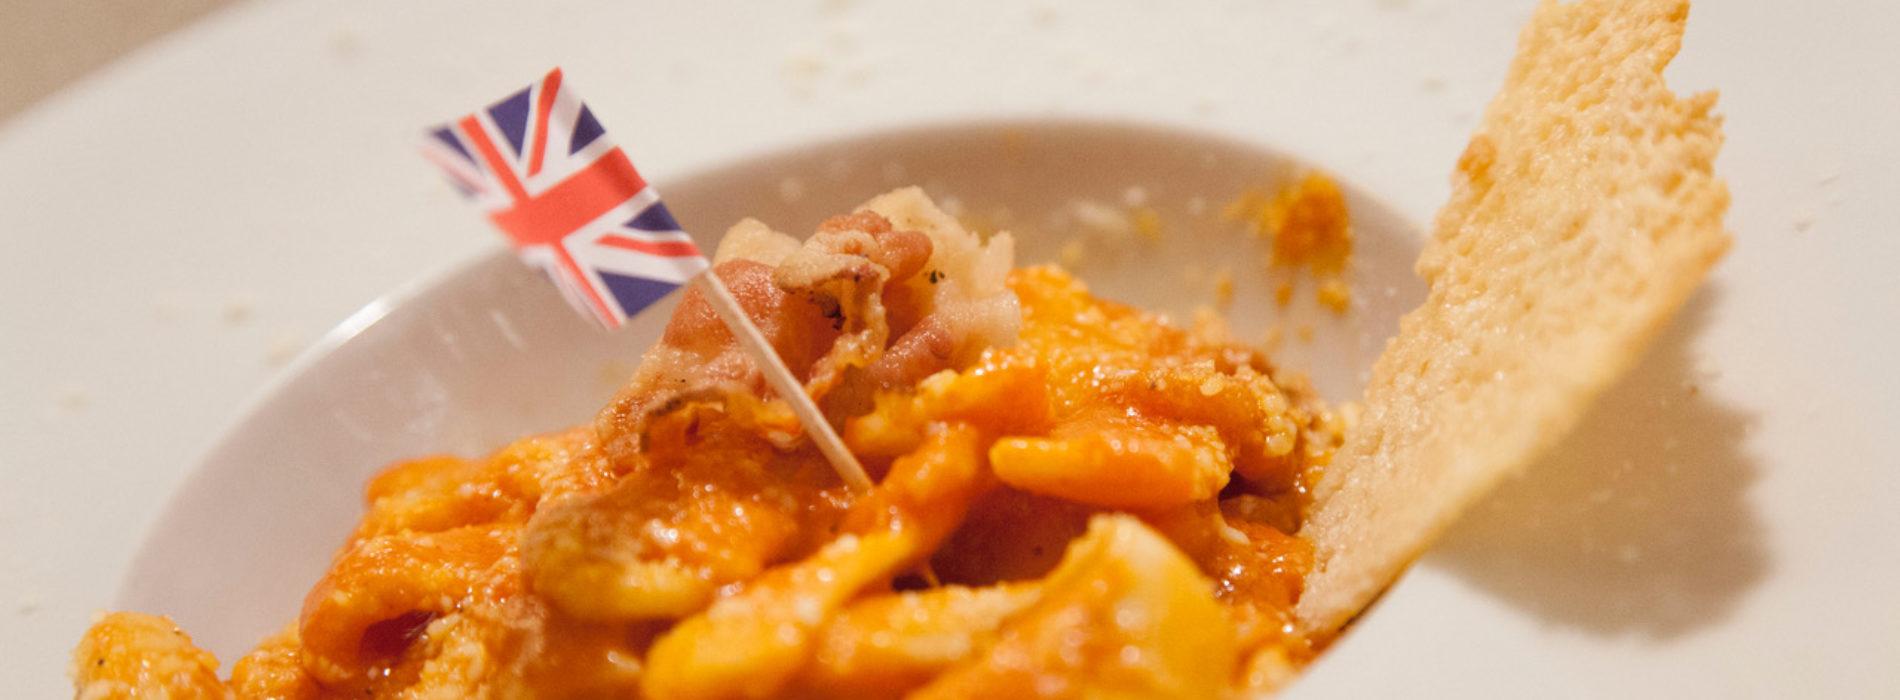 Dove mangiare gluten free a Roma, i migliori ristoranti per celiaci